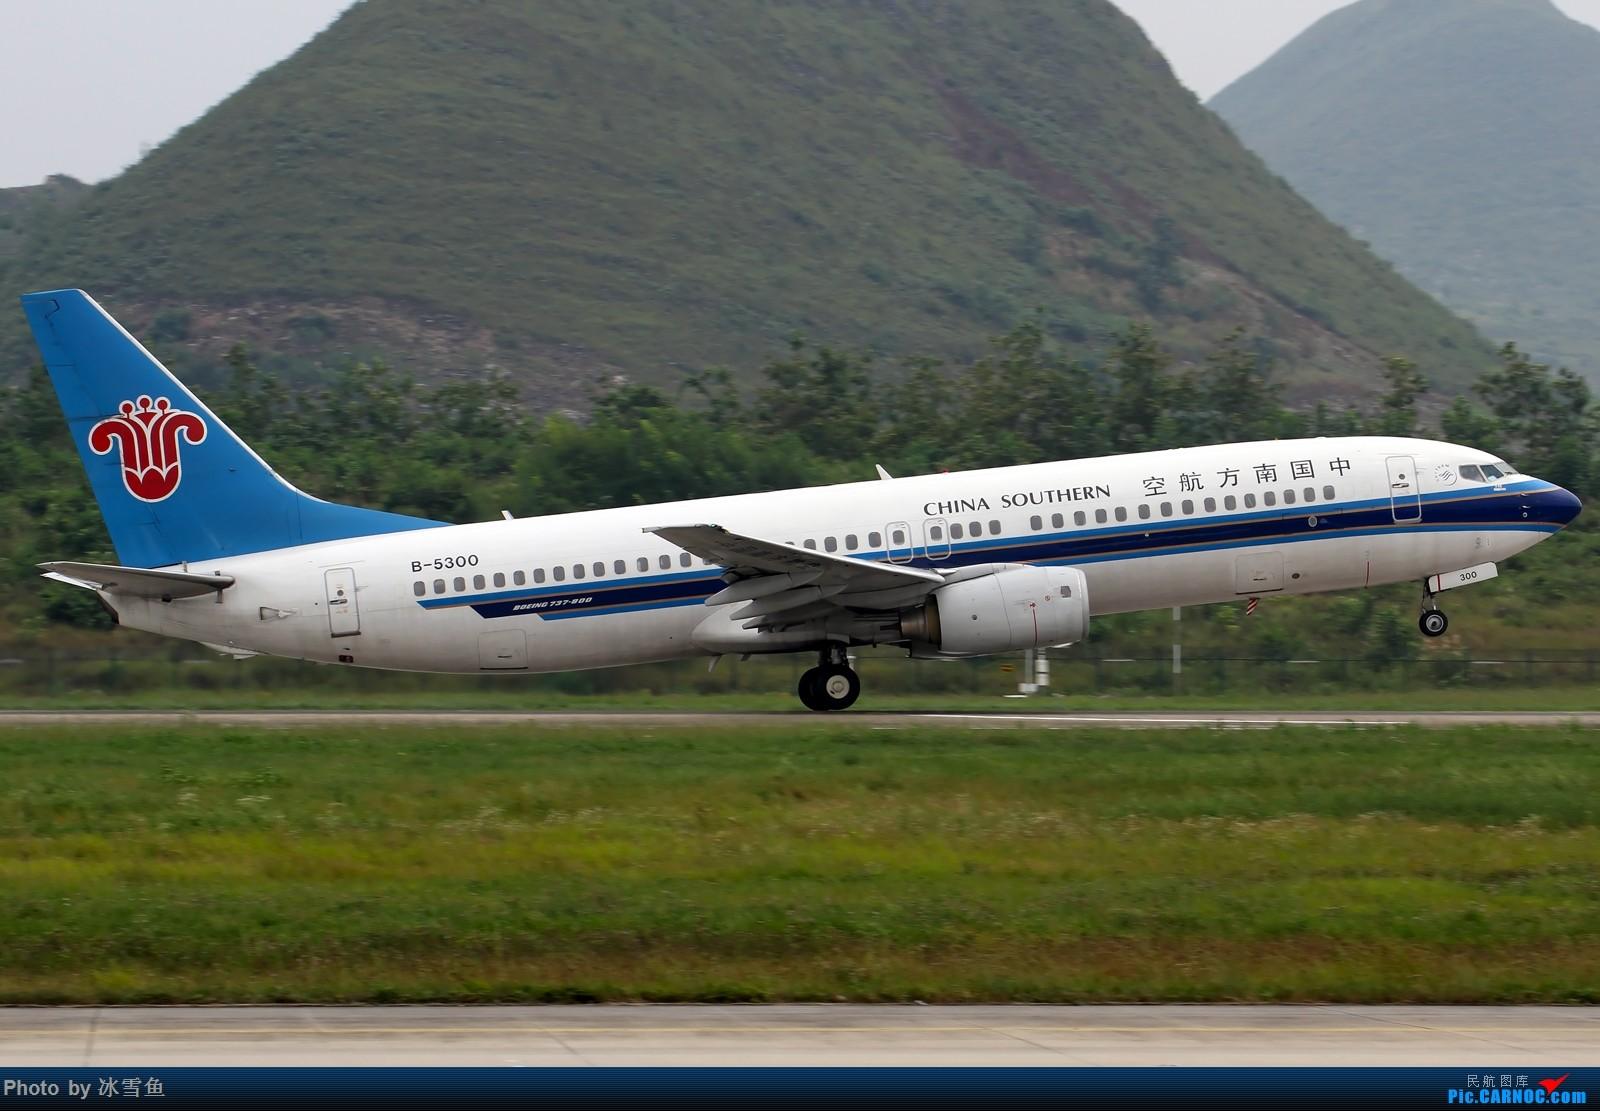 Re:[原创]【BLDDQ】贵阳龙洞堡,候机时拍几张,同时回味滑行道边曾经的拍机位 BOEING 737-800 B-5300 中国贵阳龙洞堡国际机场